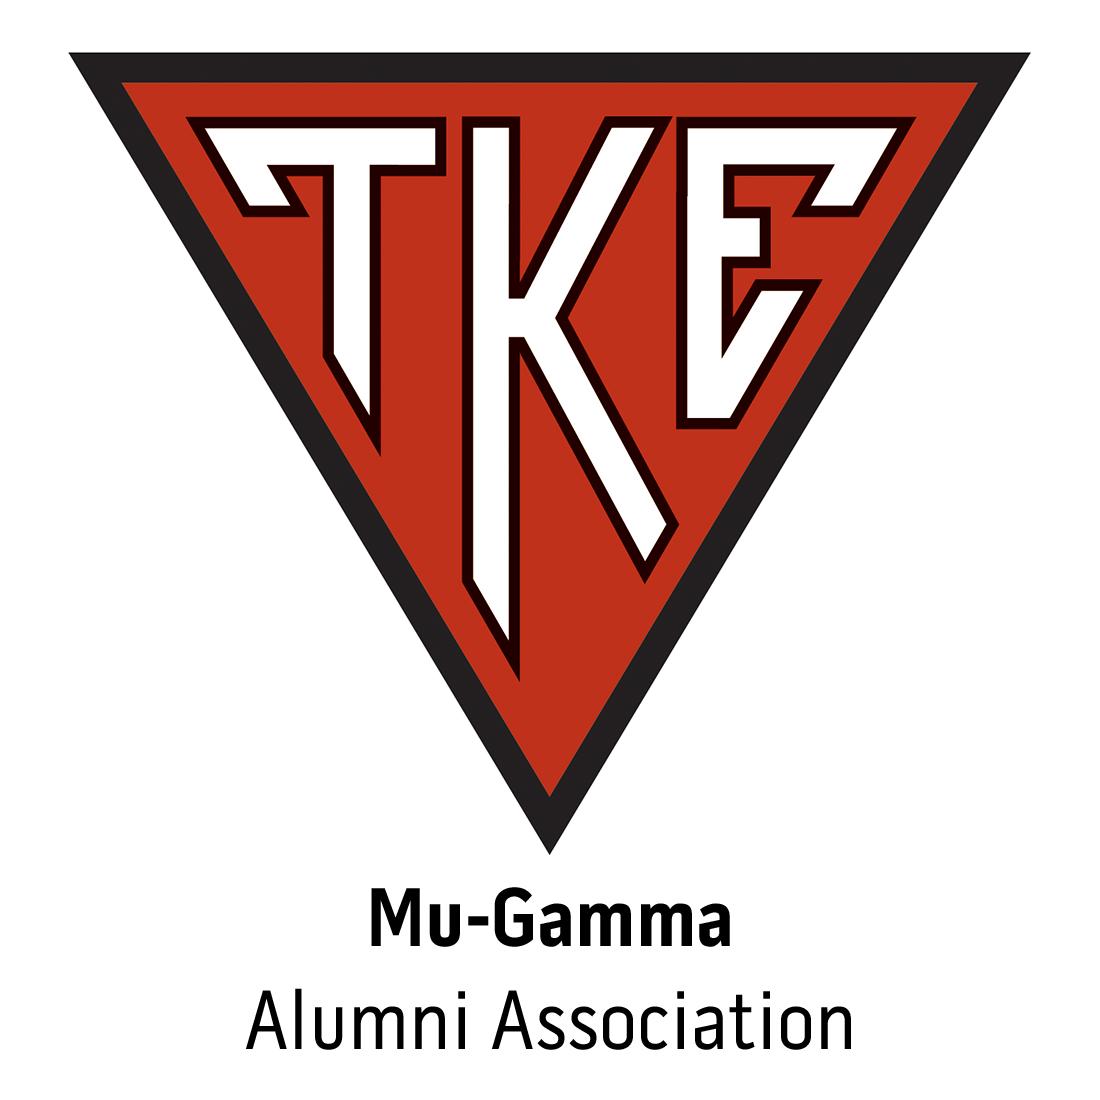 Mu-Gamma Alumni Association at Midwestern State University